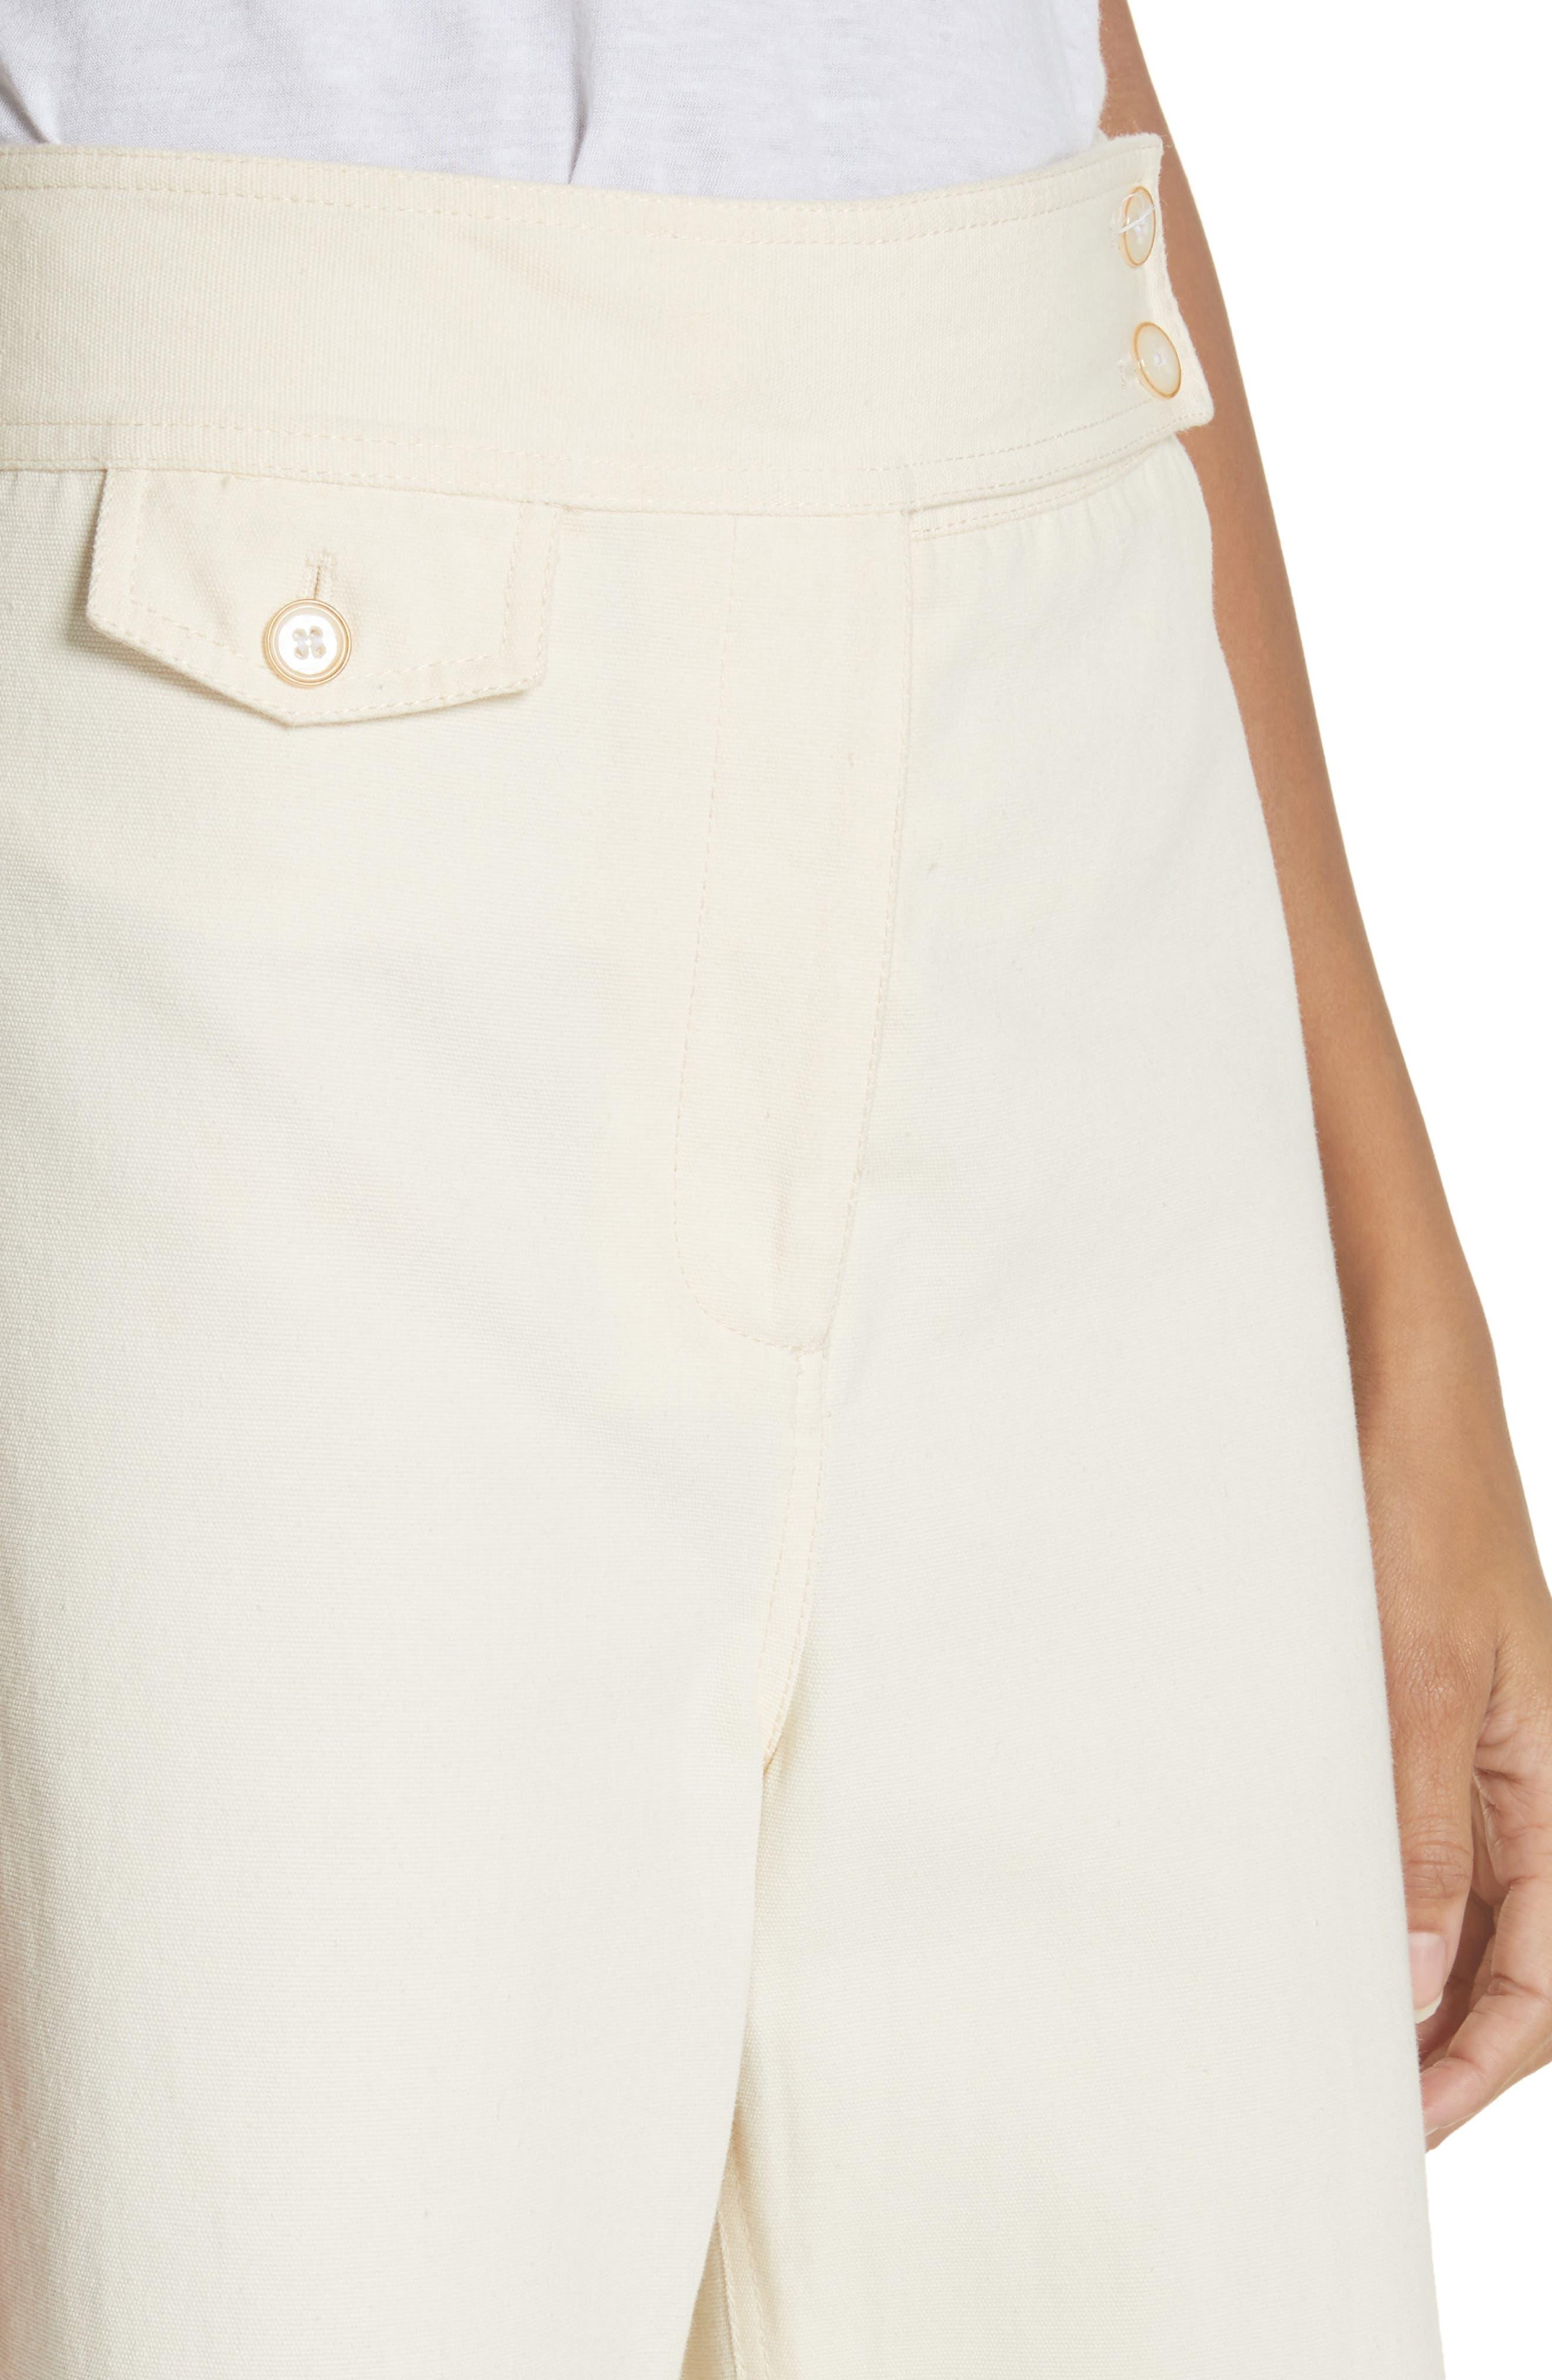 Caymen Cotton Gaucho Pants,                             Alternate thumbnail 4, color,                             Natural